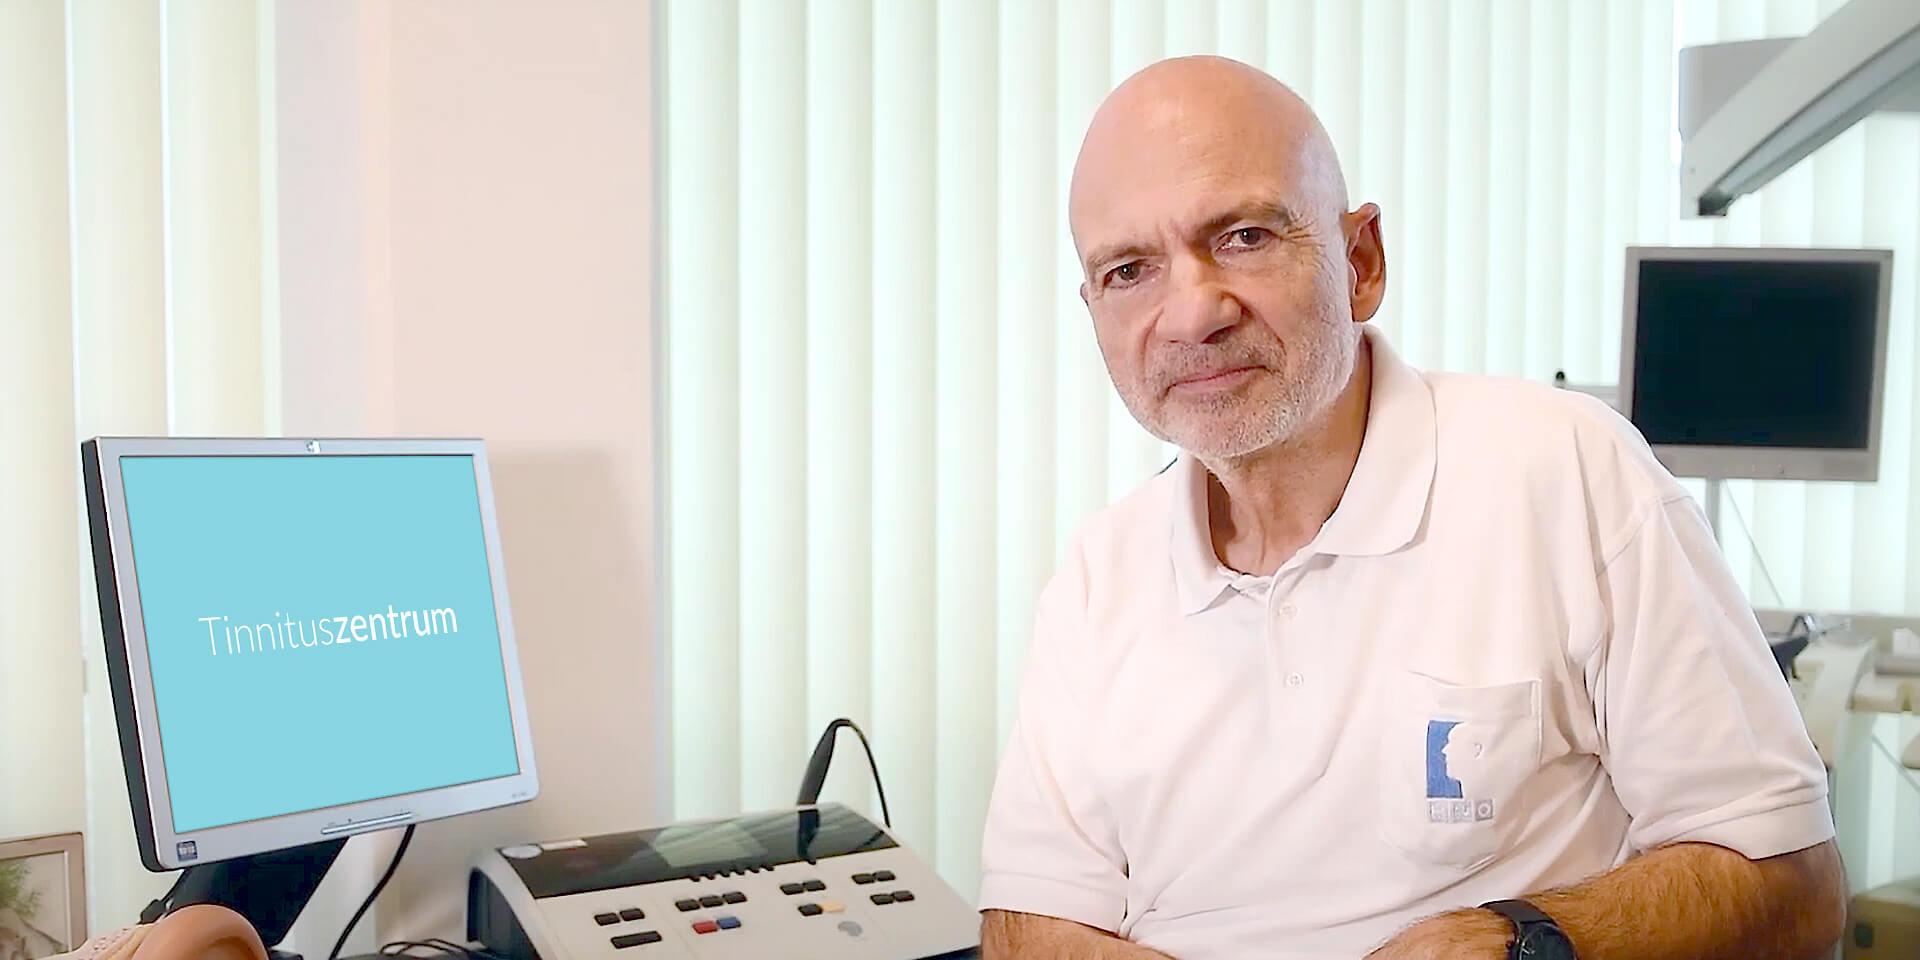 Dr. Johanne Schobel | Tinnitus Zentrum